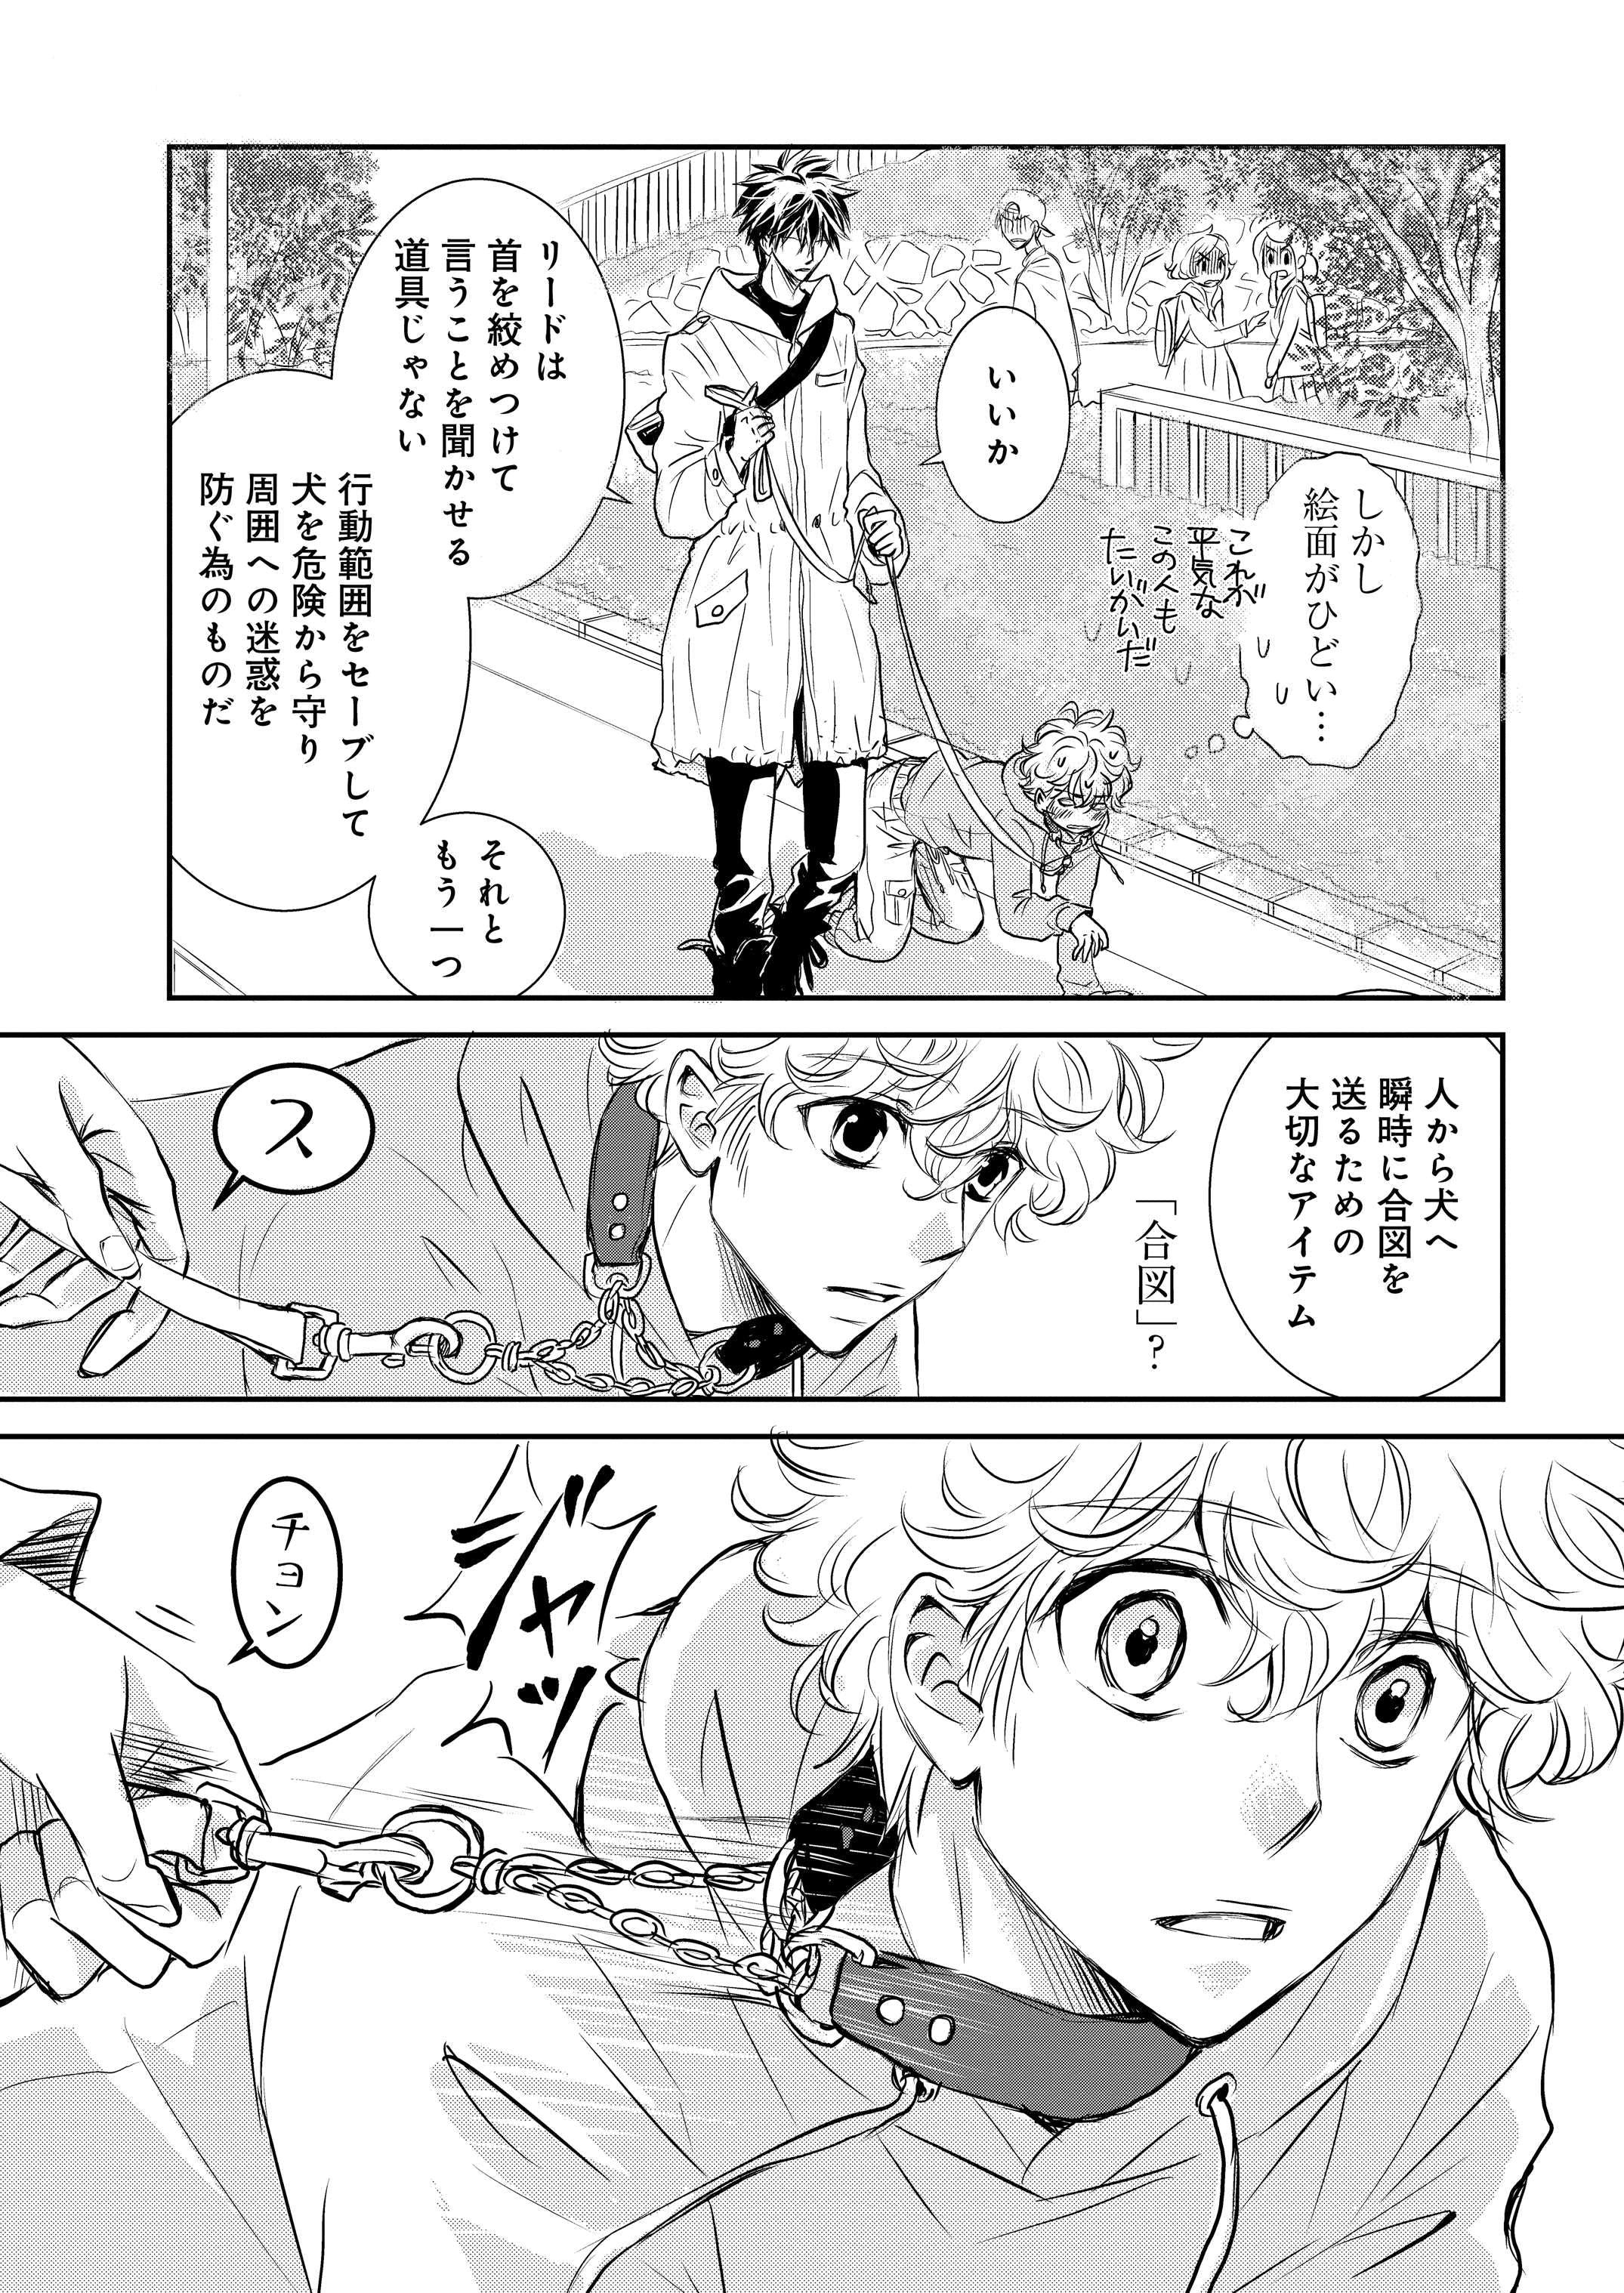 【新連載】『DOG SIGNAL』1話目③ 4ページ目